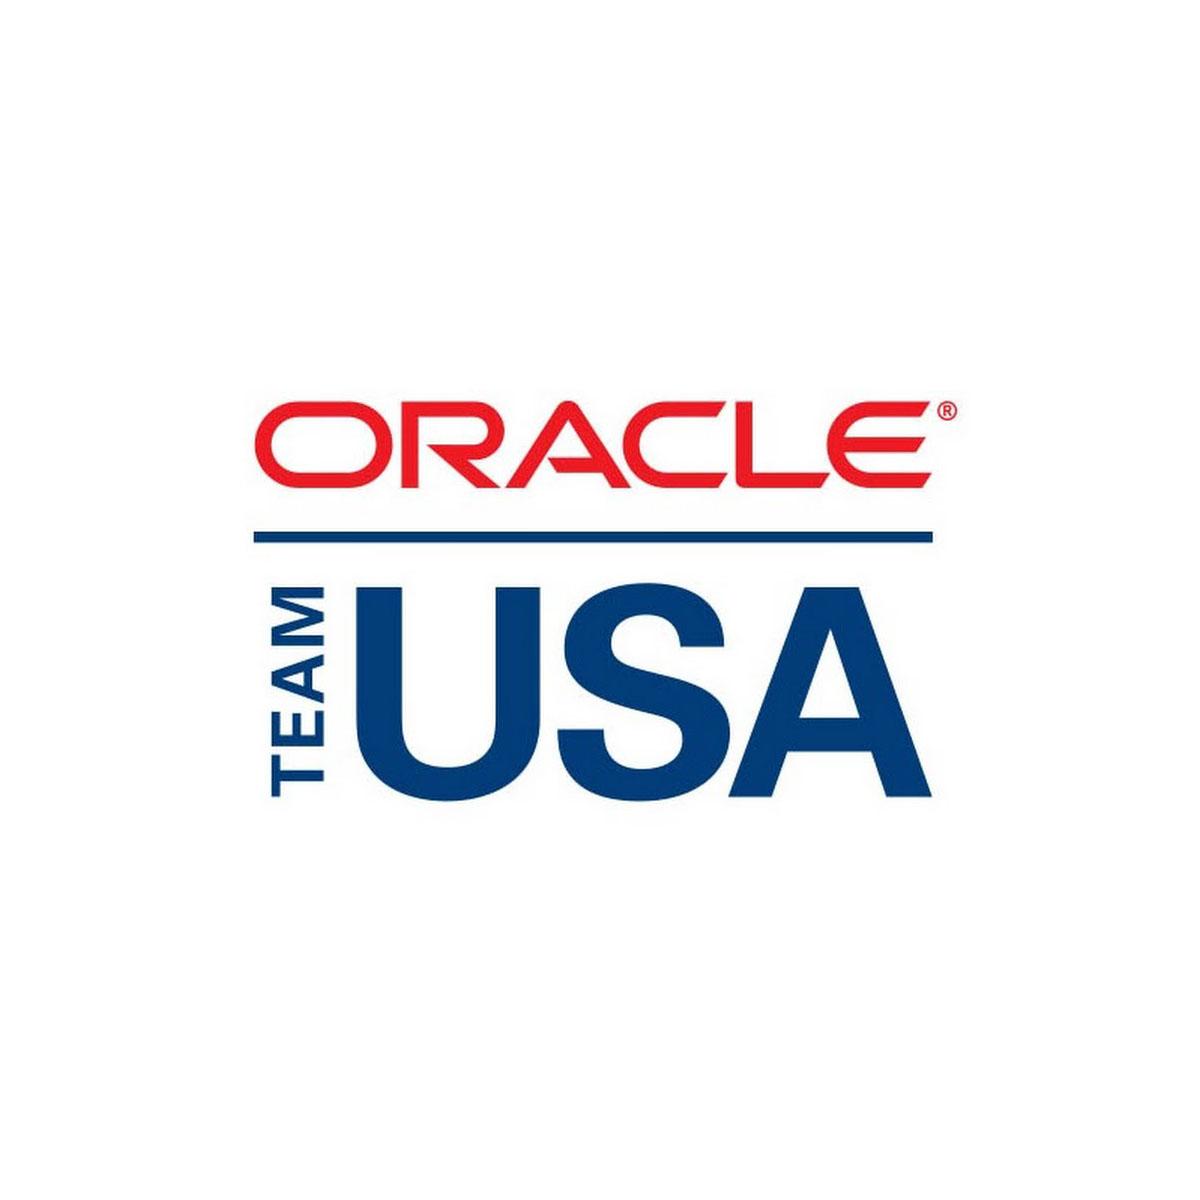 Oracle_Sized.jpg